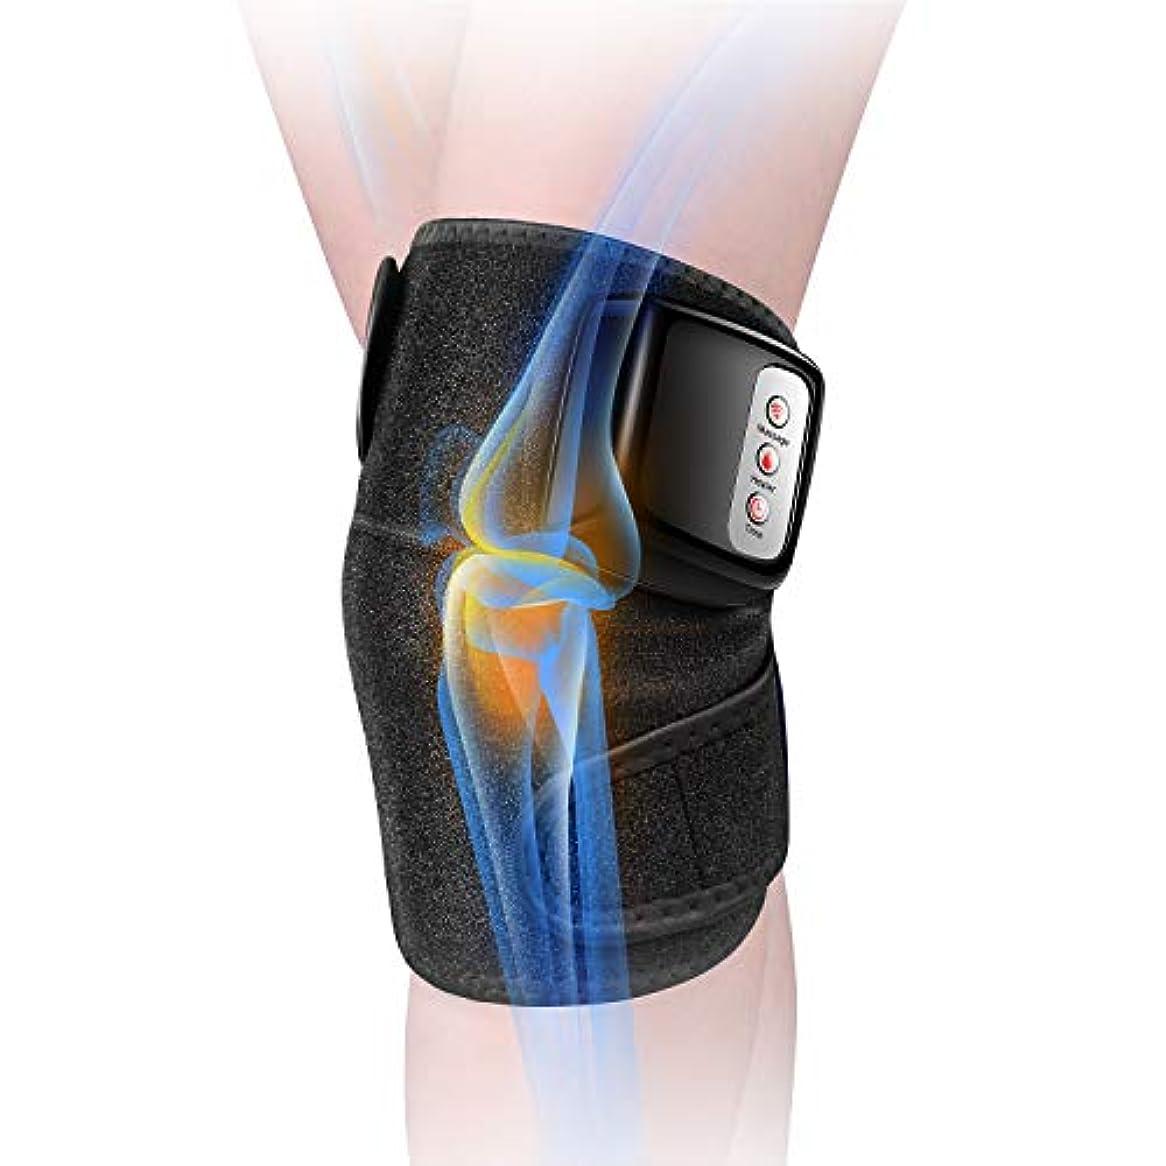 土曜日型請求可能膝マッサージャー 関節マッサージャー マッサージ器 フットマッサージャー 振動 赤外線療法 温熱療法 膝サポーター ストレス解消 肩 太もも/腕対応